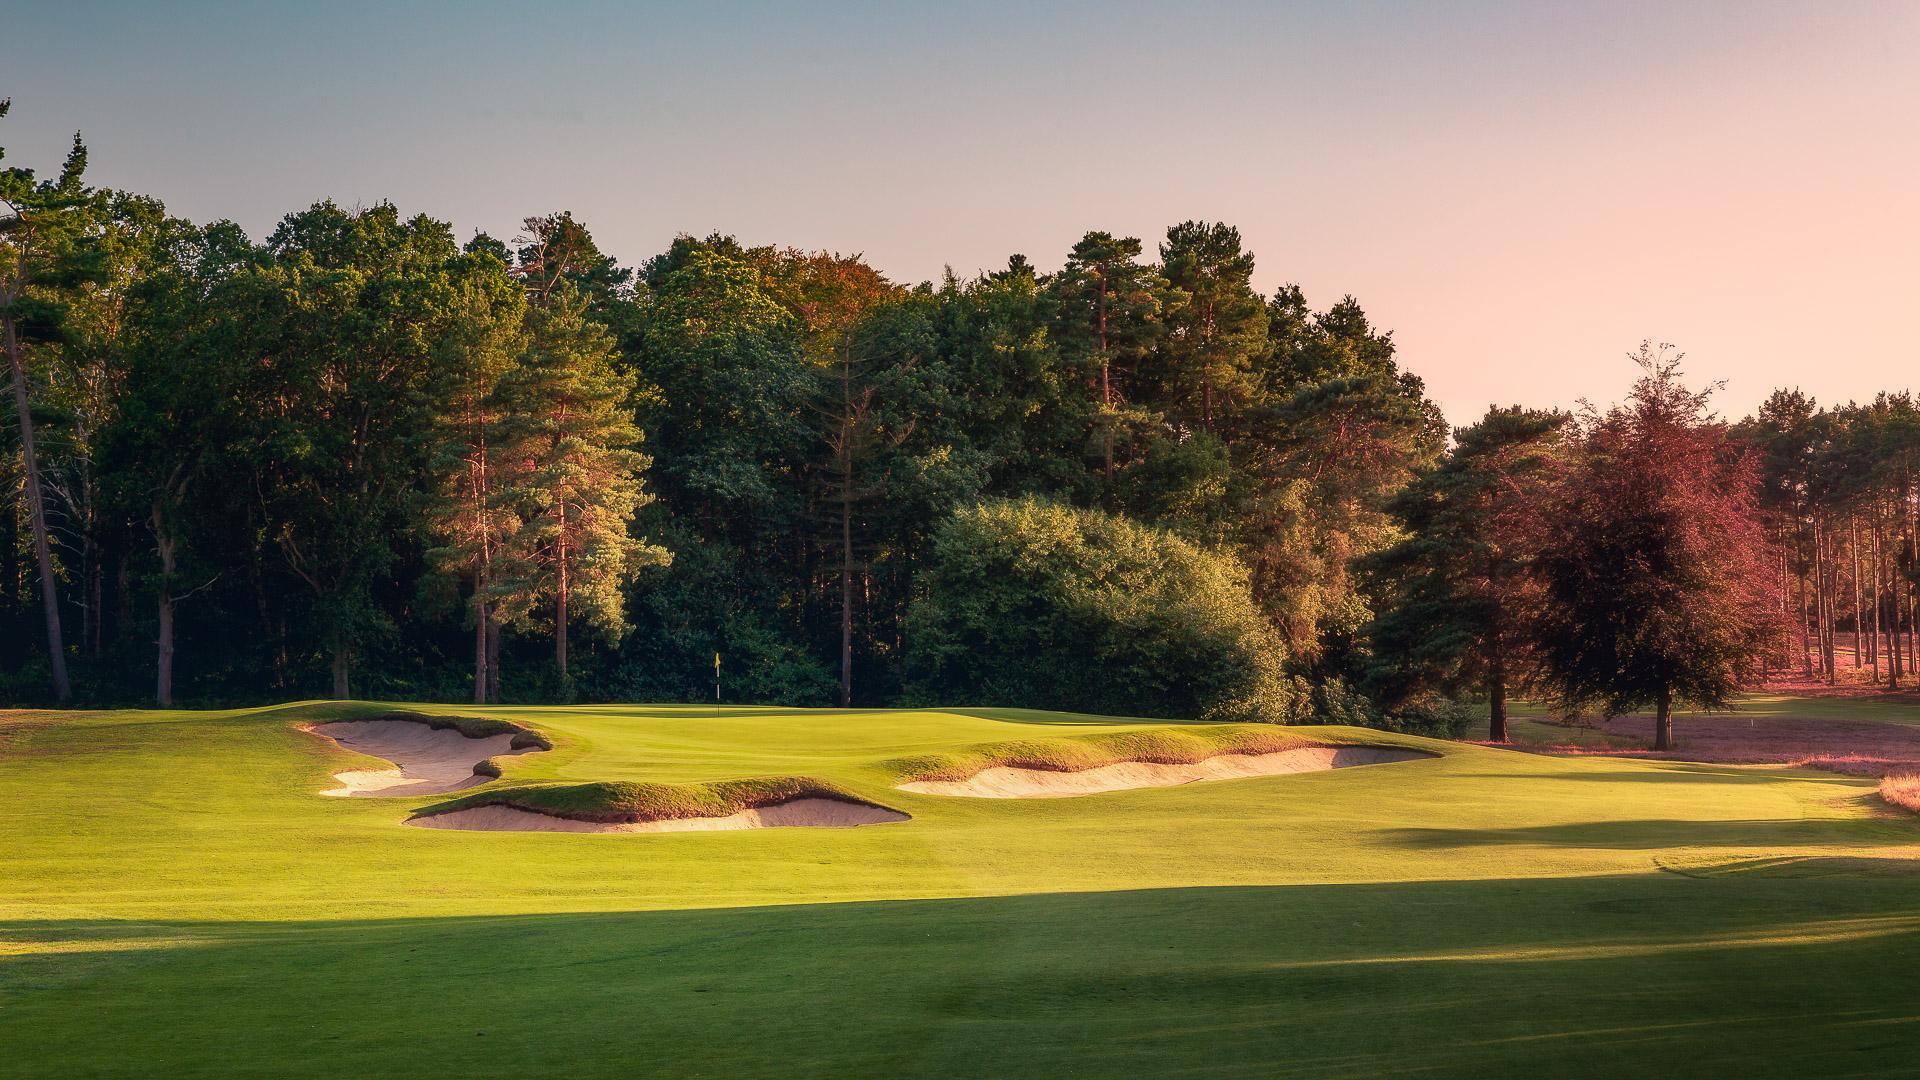 04th-Hole-St-Georges-Hill-Golf-Club-2275-Edit